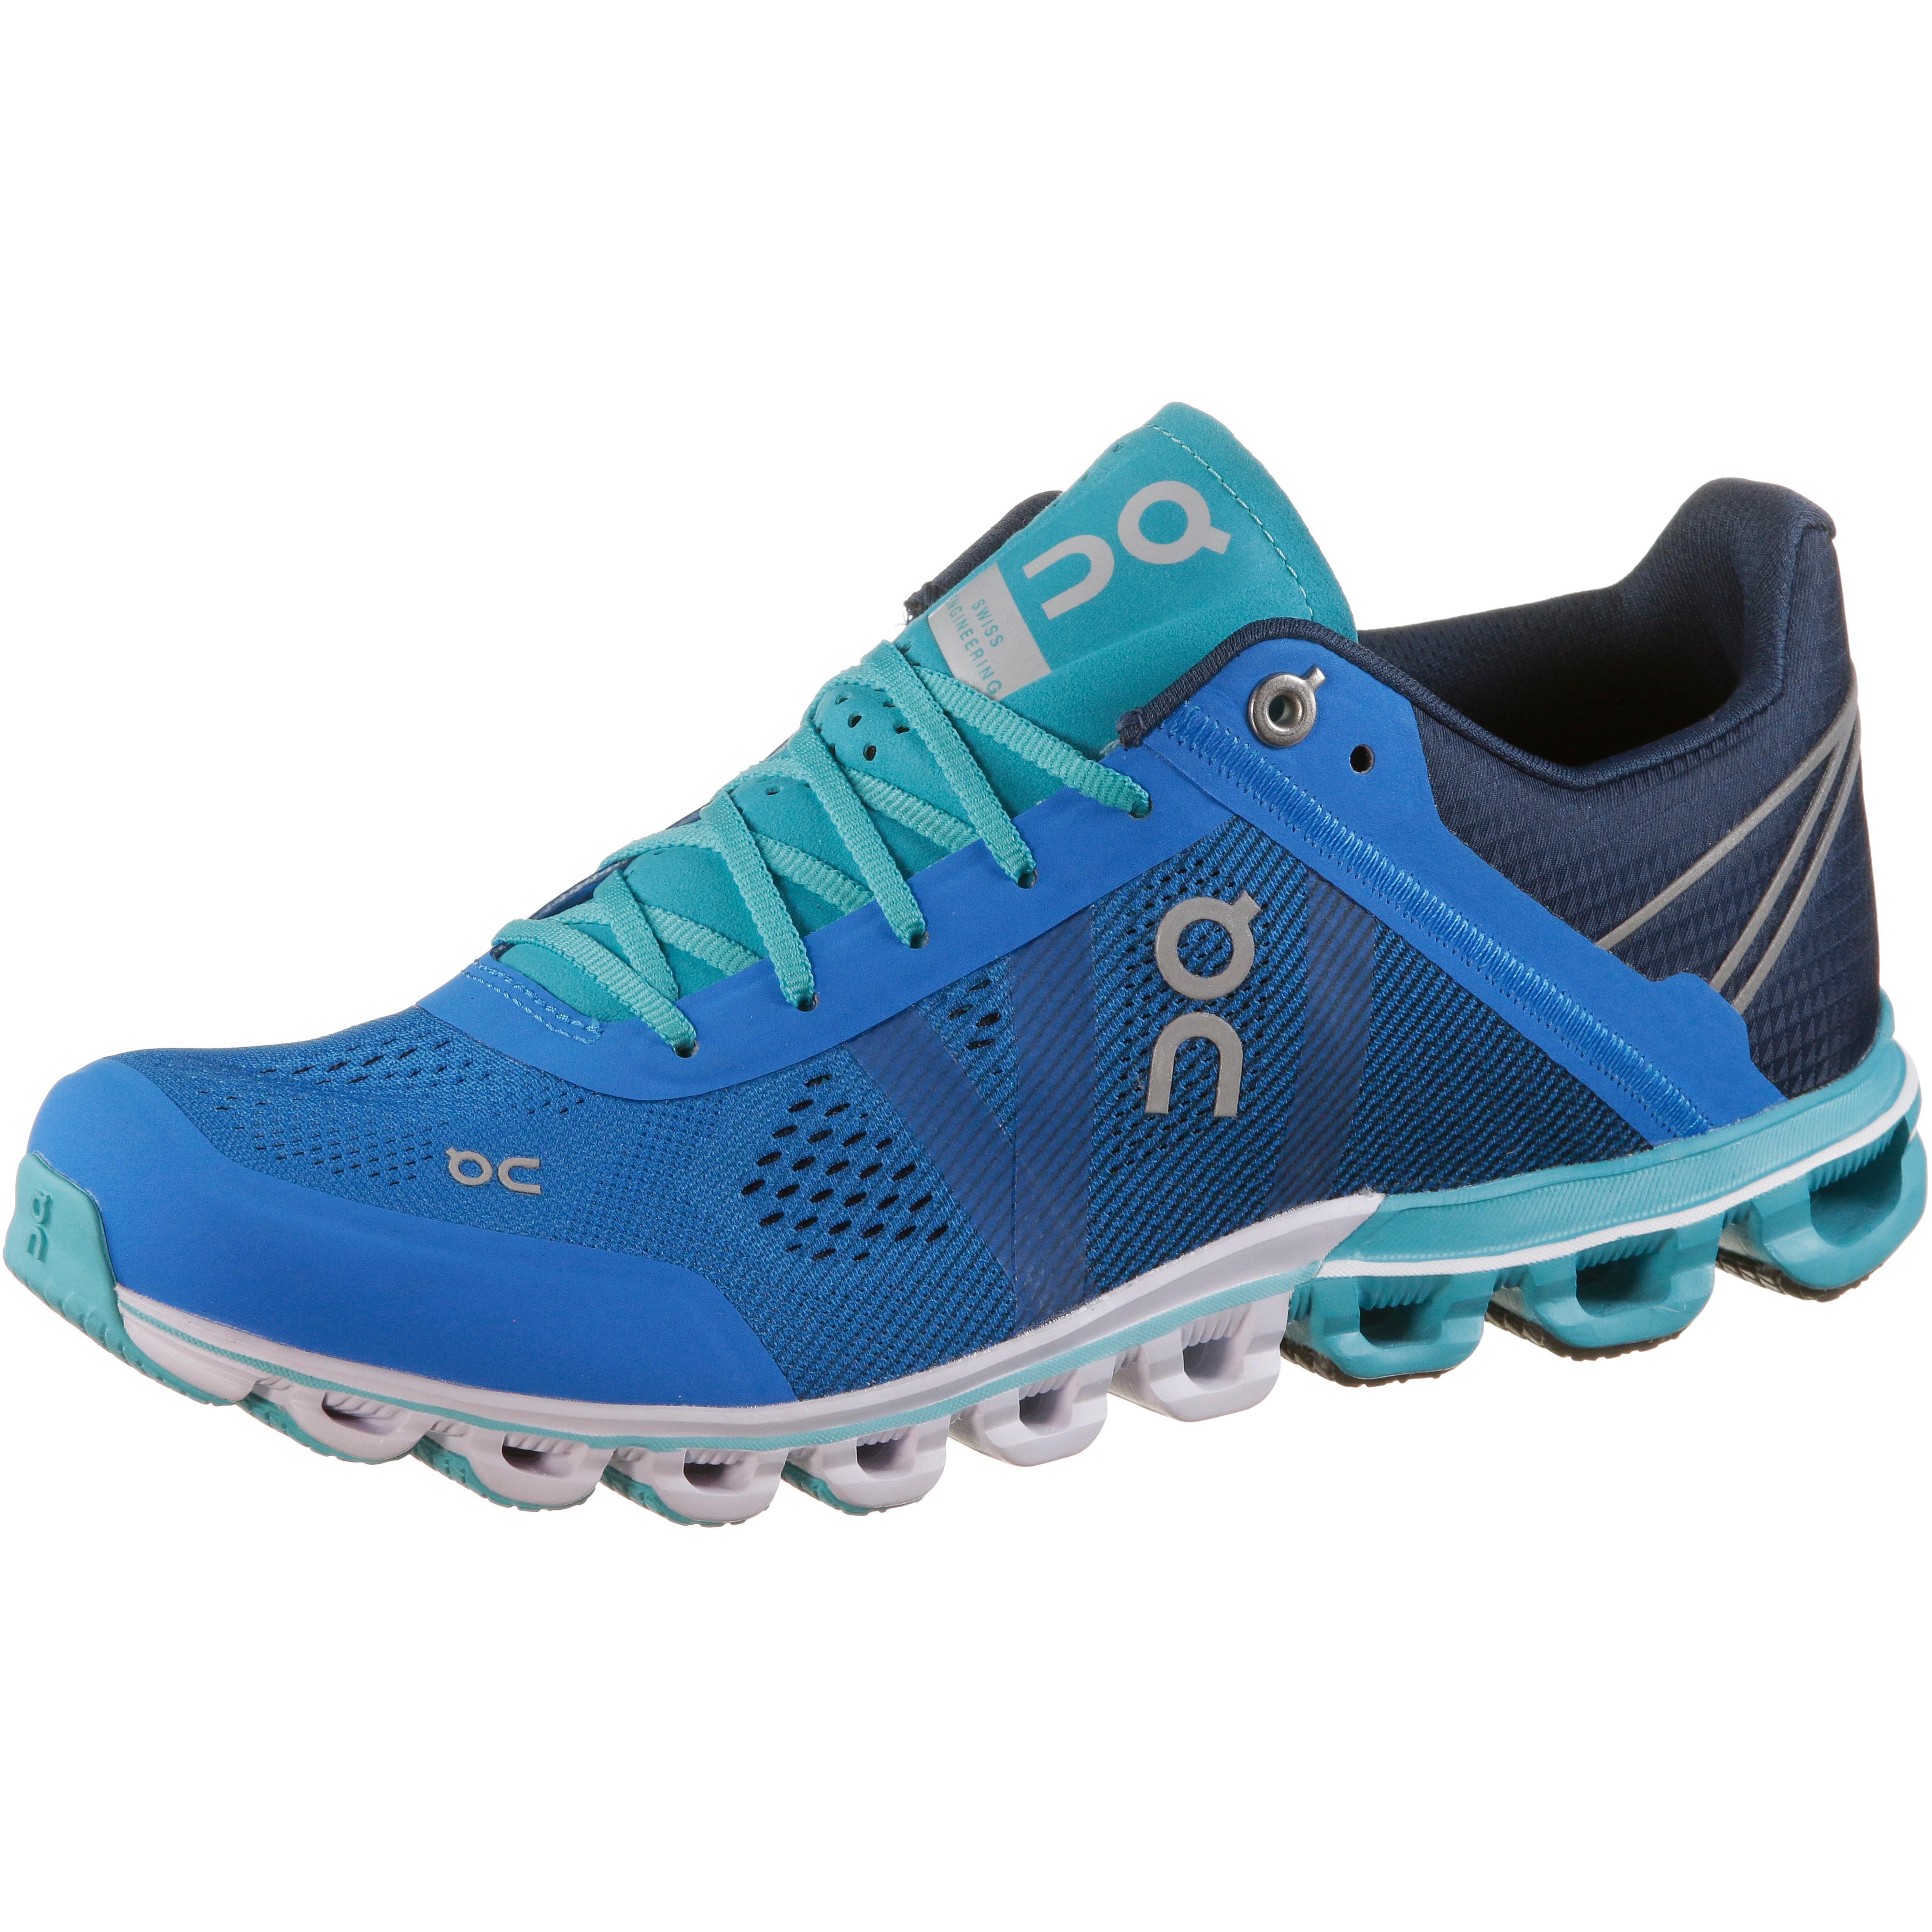 ON Cloudflow Laufschuhe Damen Online malibu-curacao im Online Damen Shop von SportScheck kaufen Gute Qualität beliebte Schuhe 1ea821